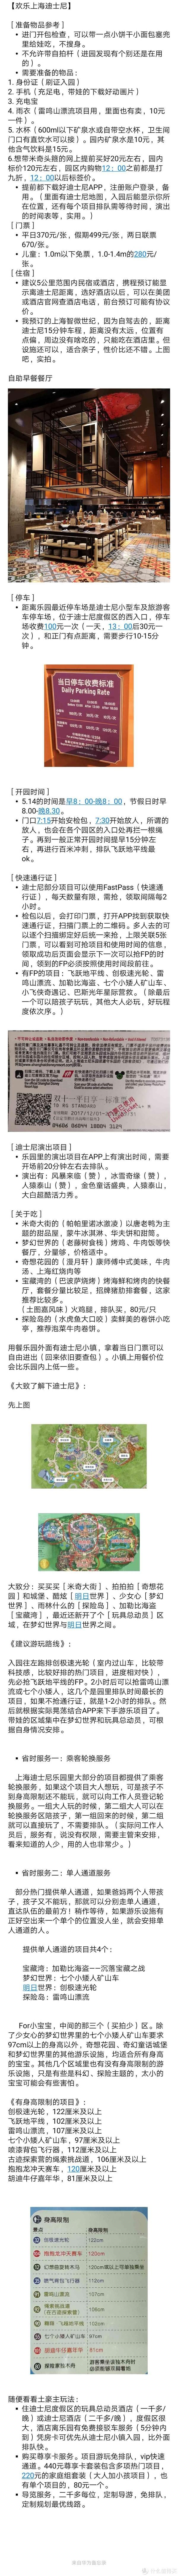 上海迪士尼攻略18年5月